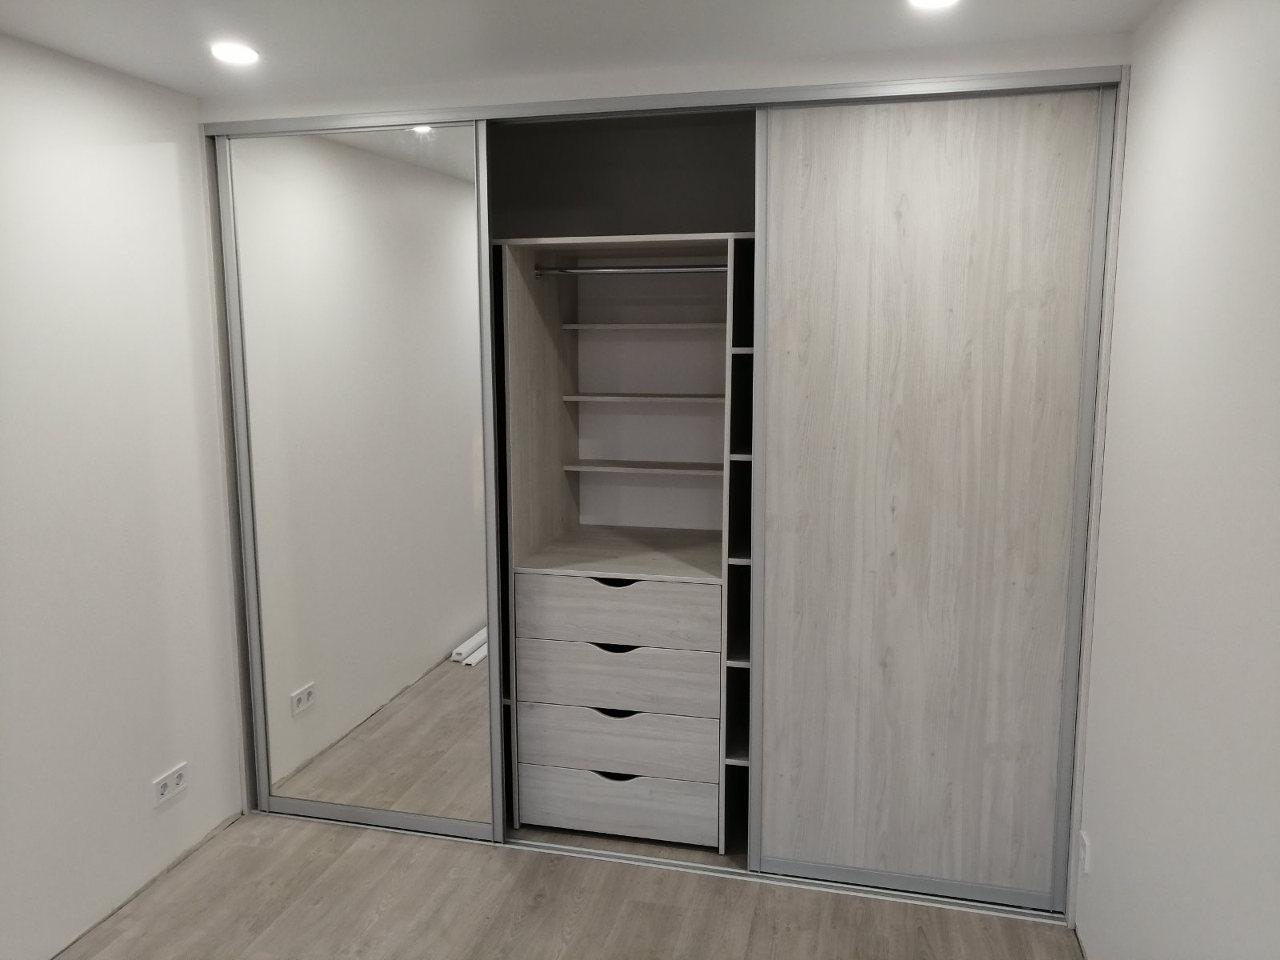 Шкаф-купе встроенный в маленькую комнату Киев 920-1